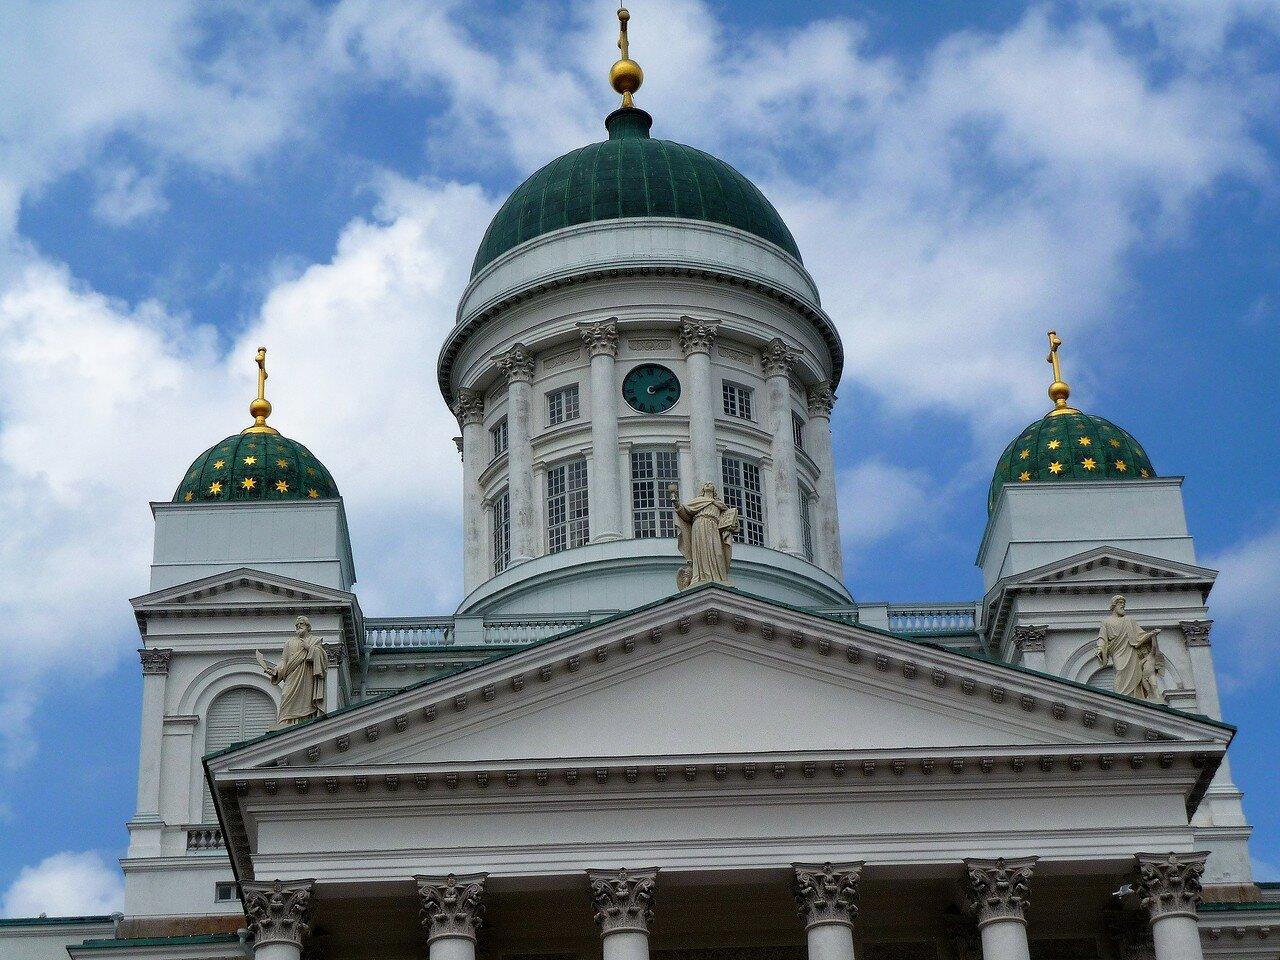 Helsinki-Tuomiokirkko-15.7.09. 045 (24).jpg